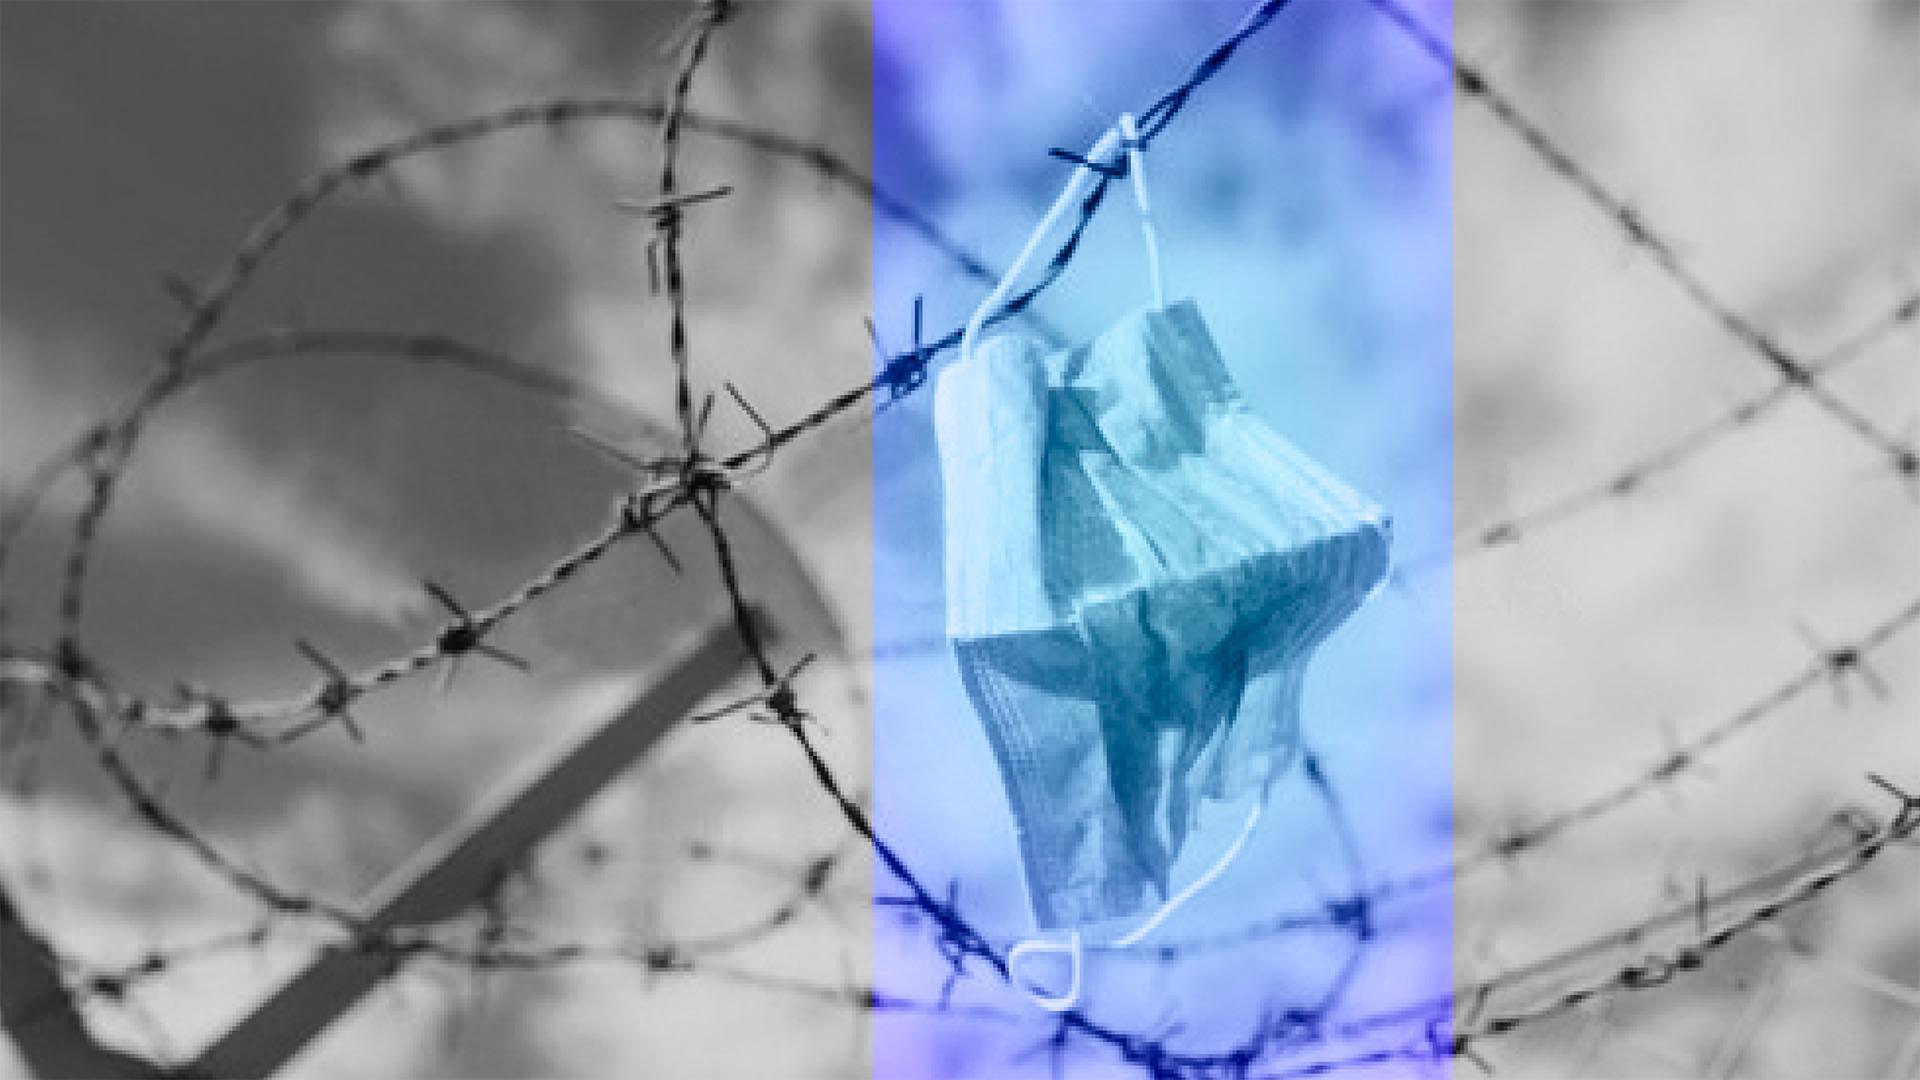 #ReporteCoronavirus | Las noticias más importantes de la tarde #15Sep